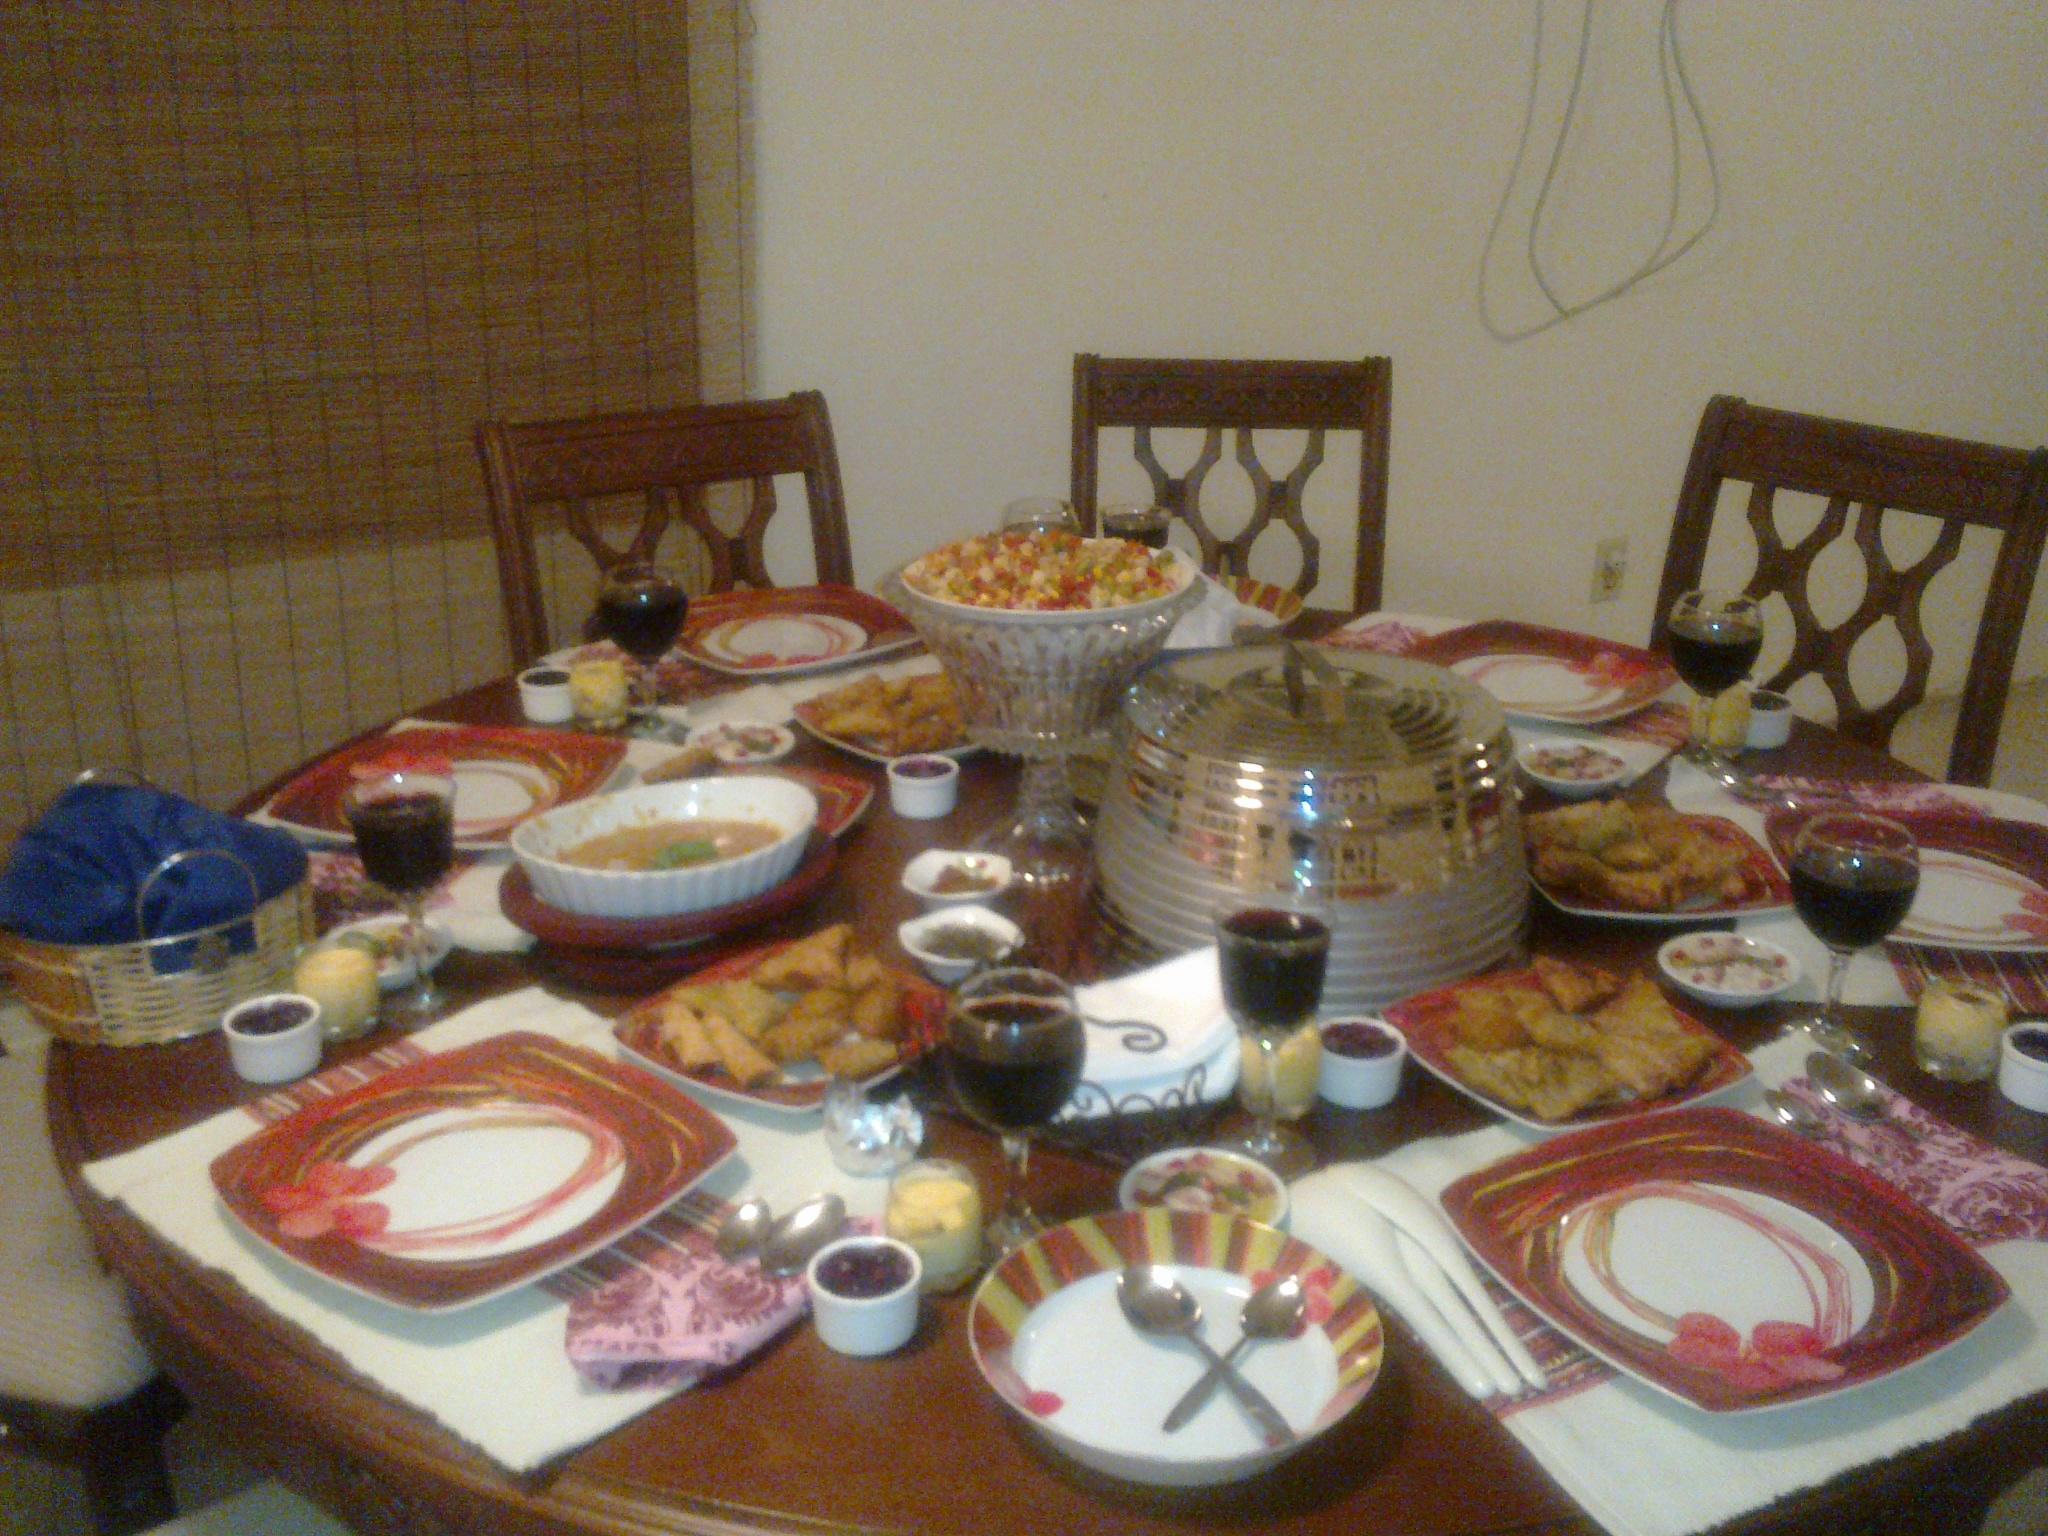 بالصور فطار رمضان اجمل فطور رمضاني , احلى اكلات الافطار 12304 1